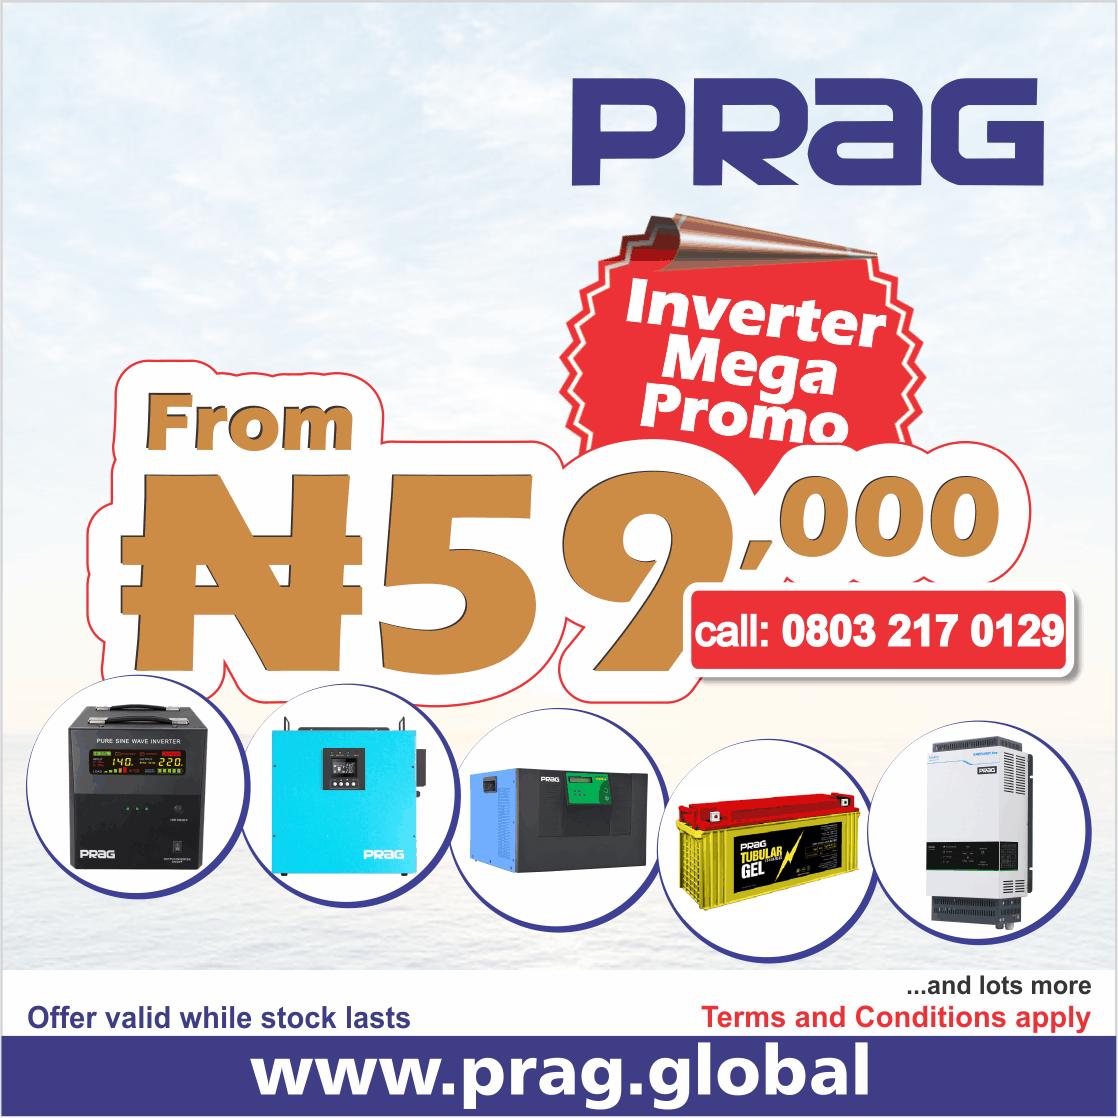 PRAG Inverter Mega Promo